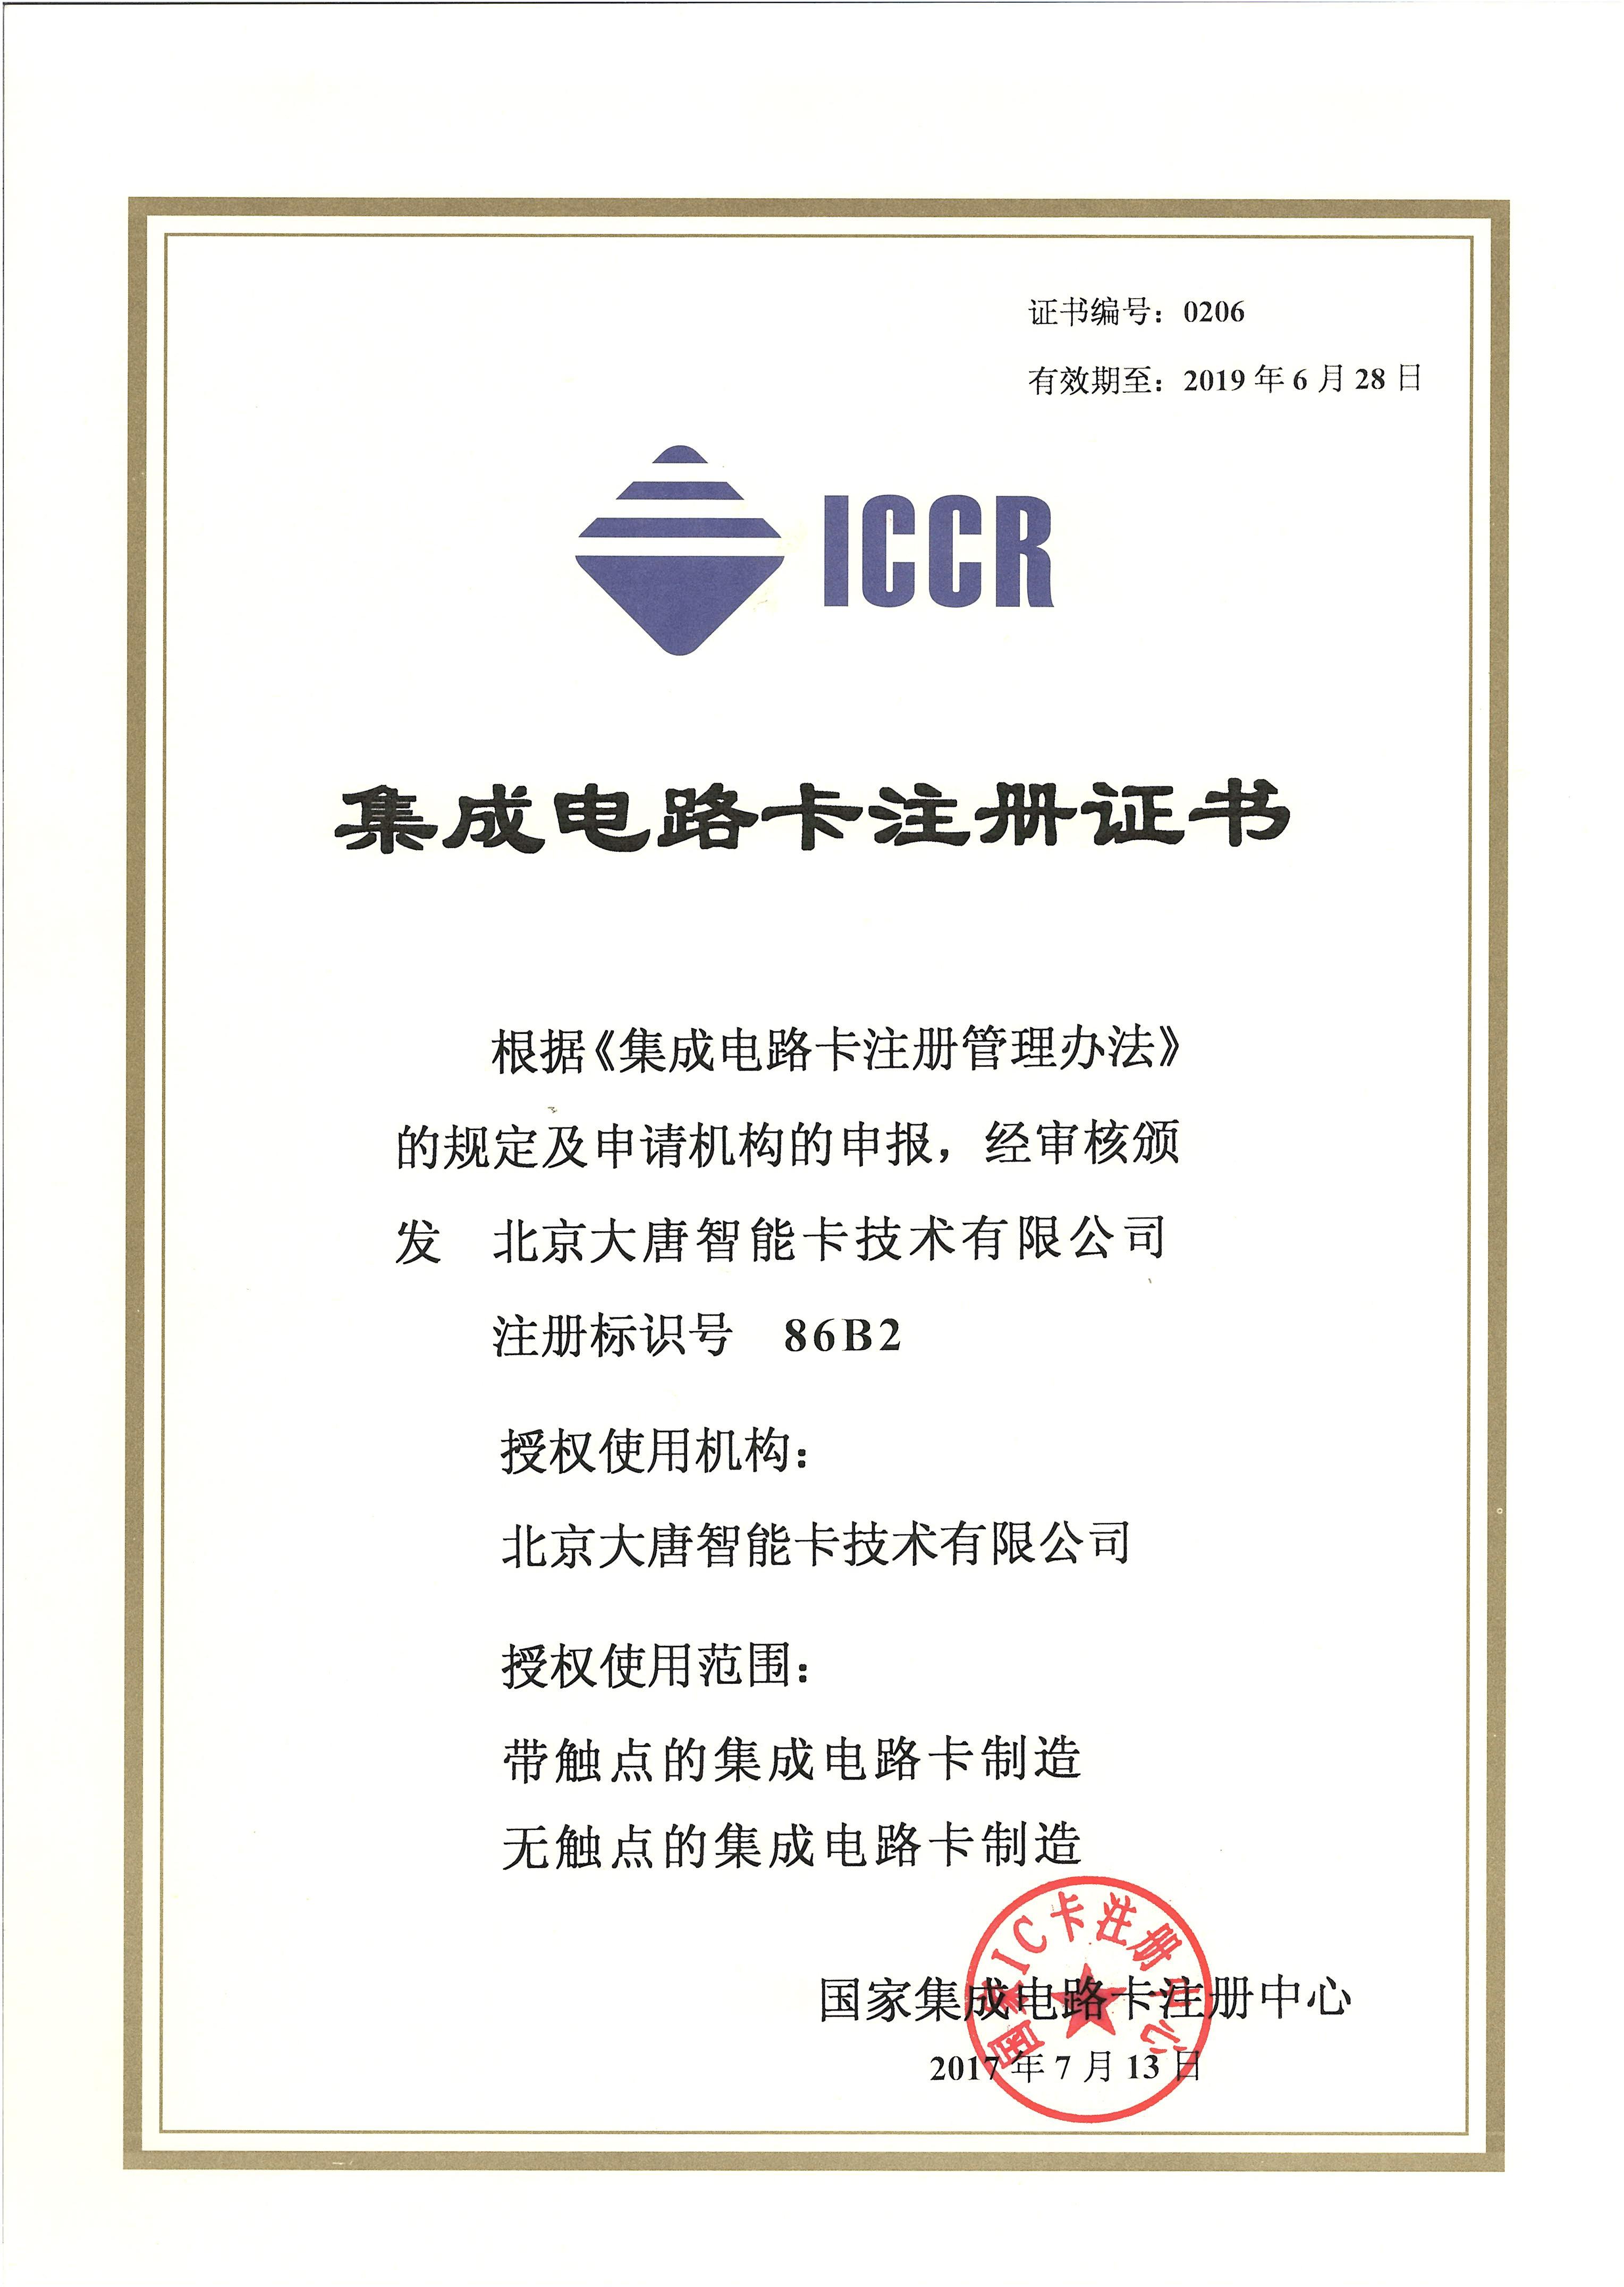 集成电路卡注册证书-中文2017.7.13-2019.6.28